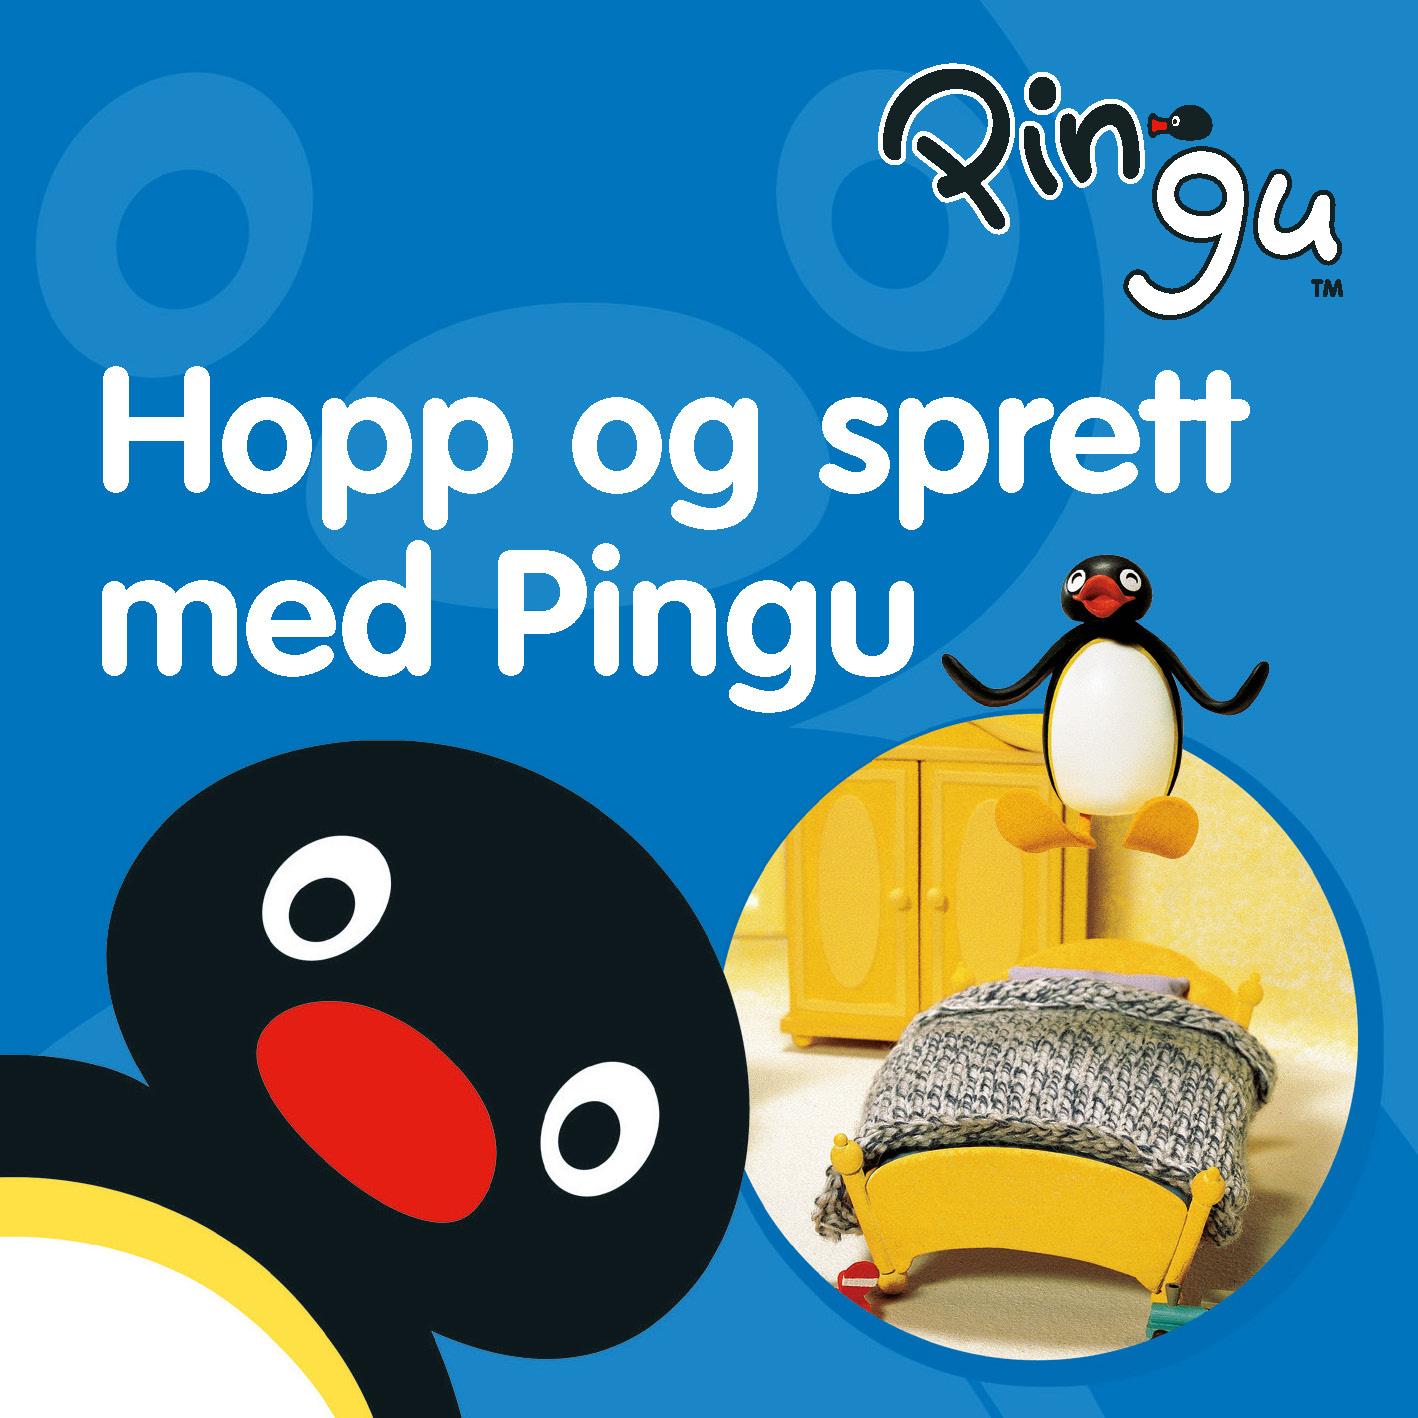 Hopp og sprett med Pingu